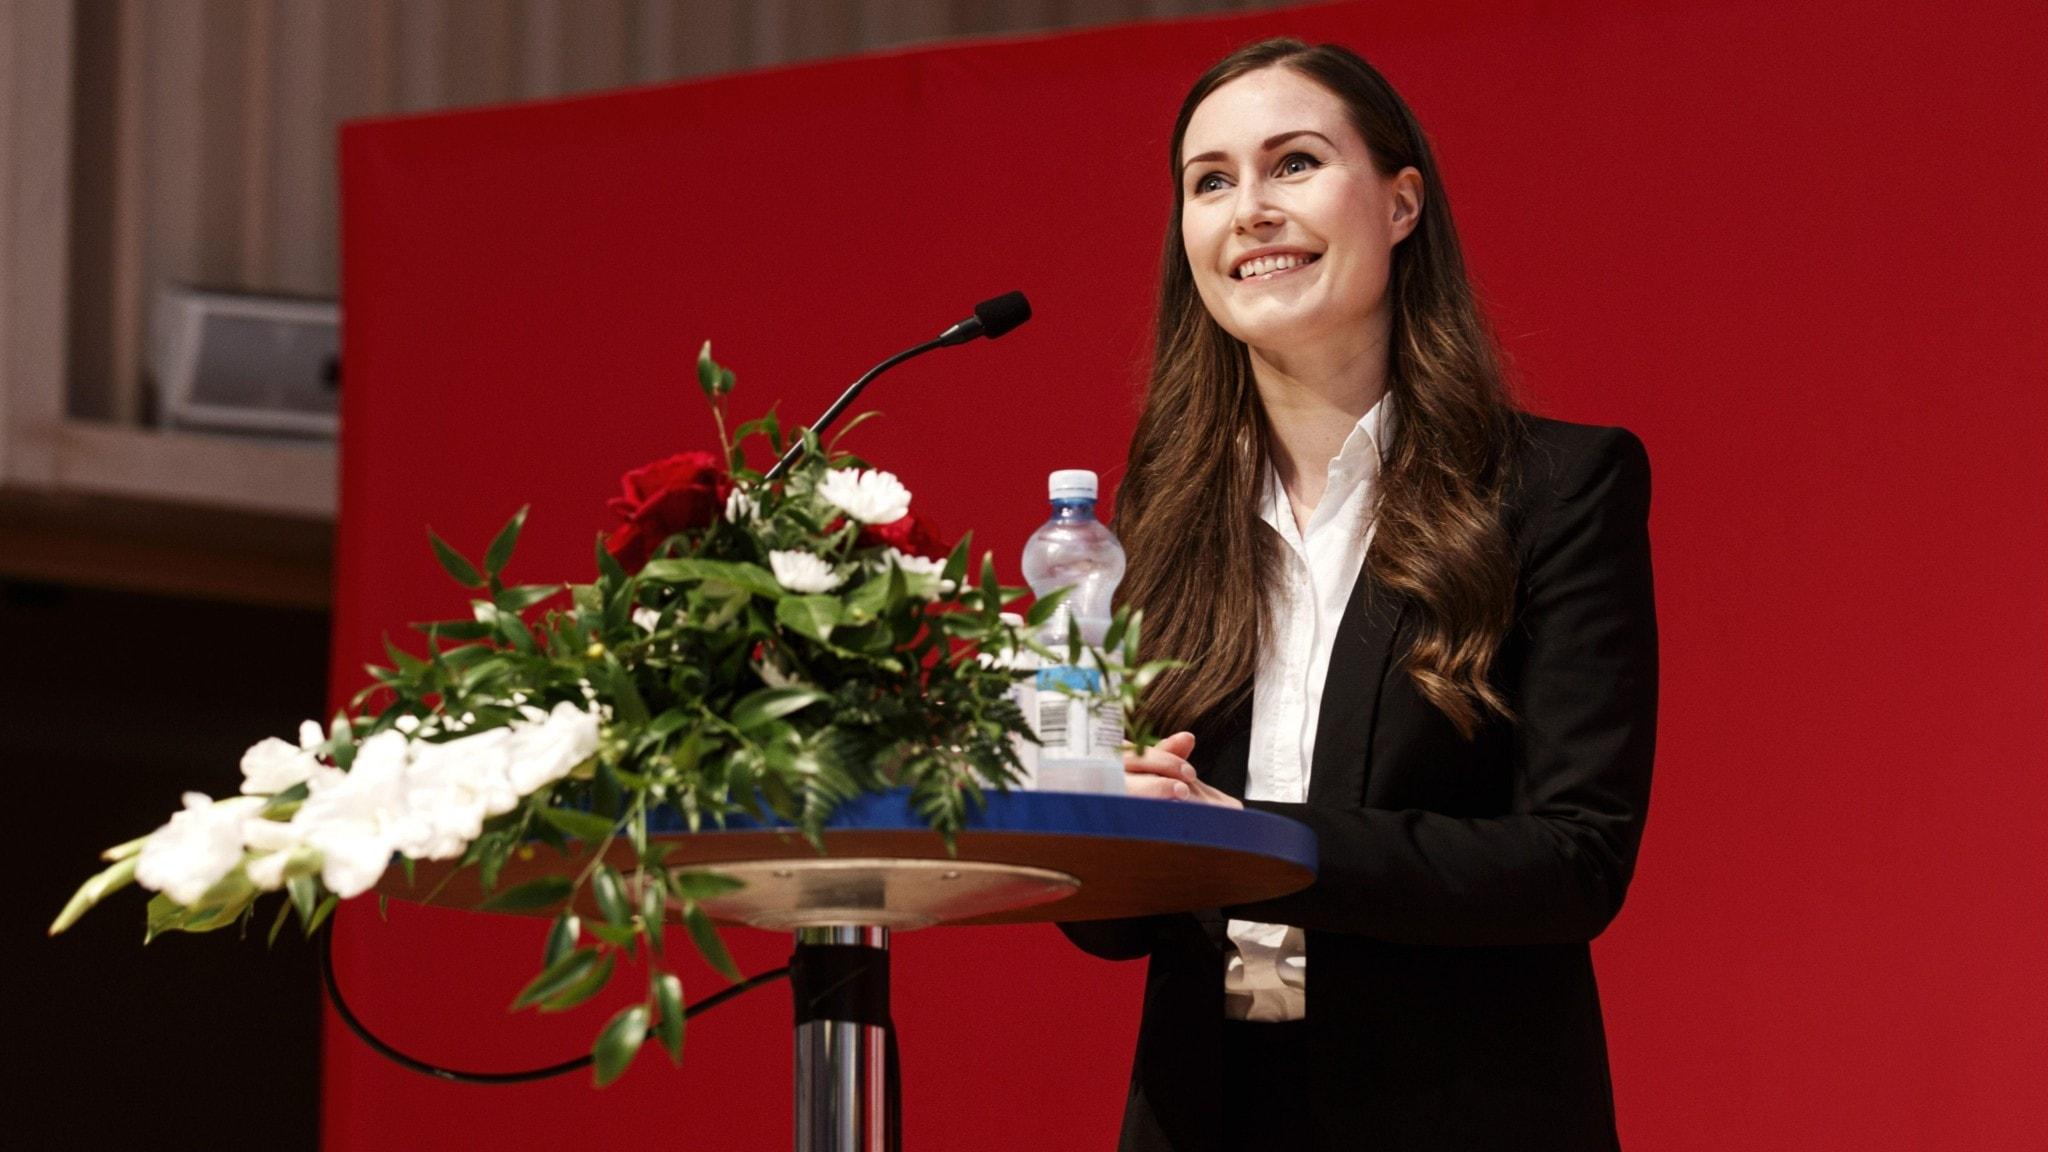 Finlands statsminister Sanna Marin vid ett podium med blommor.